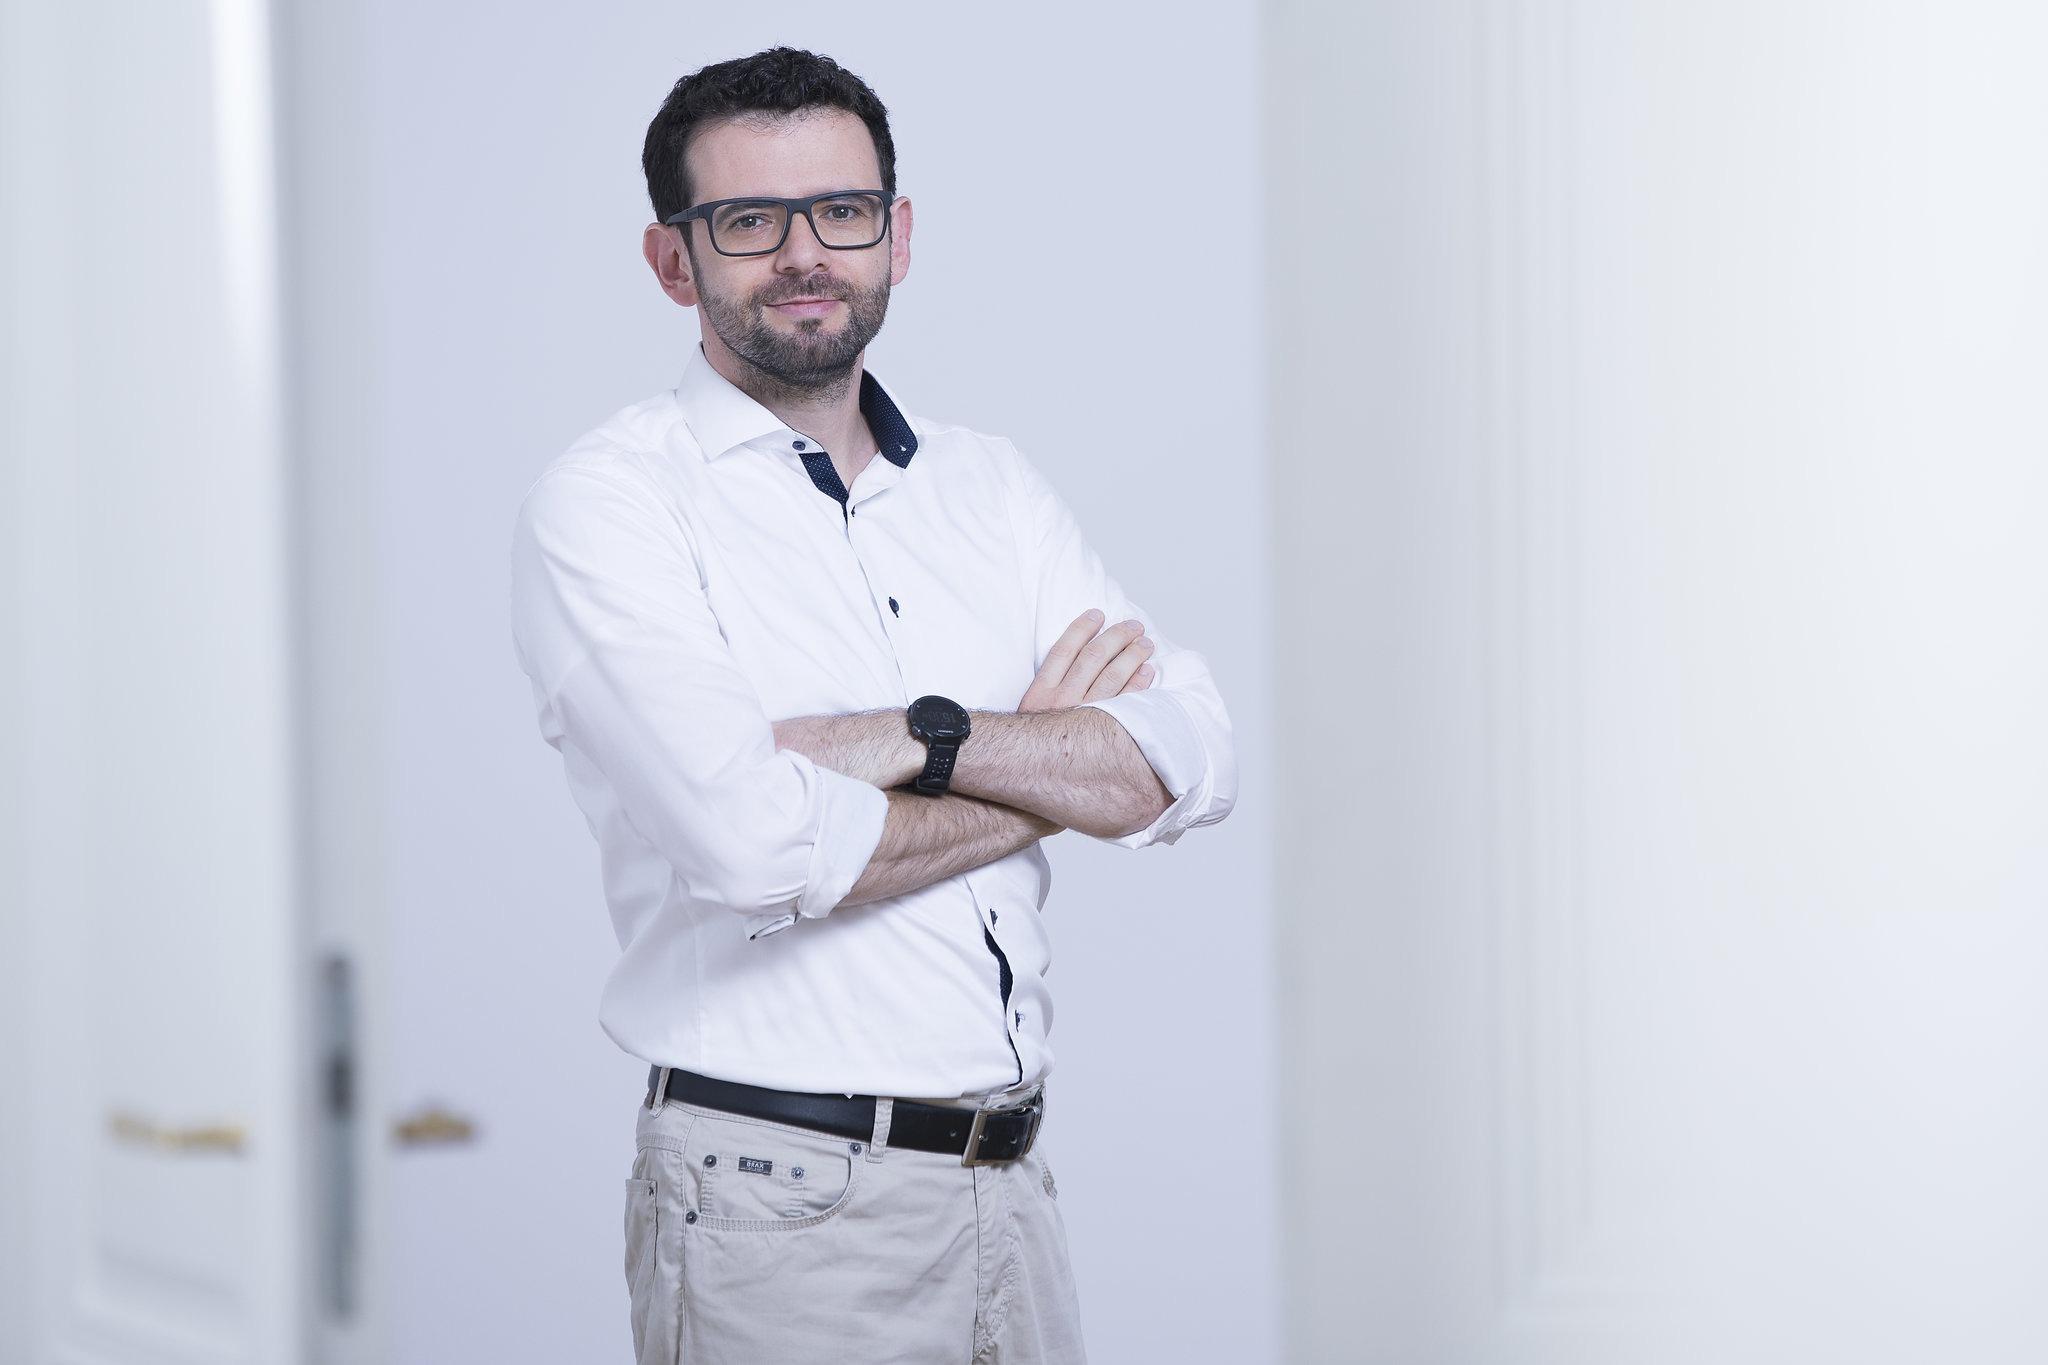 Gerd Beidernikl Experte Mitarbeiterbefragung 360 Grad Feedback